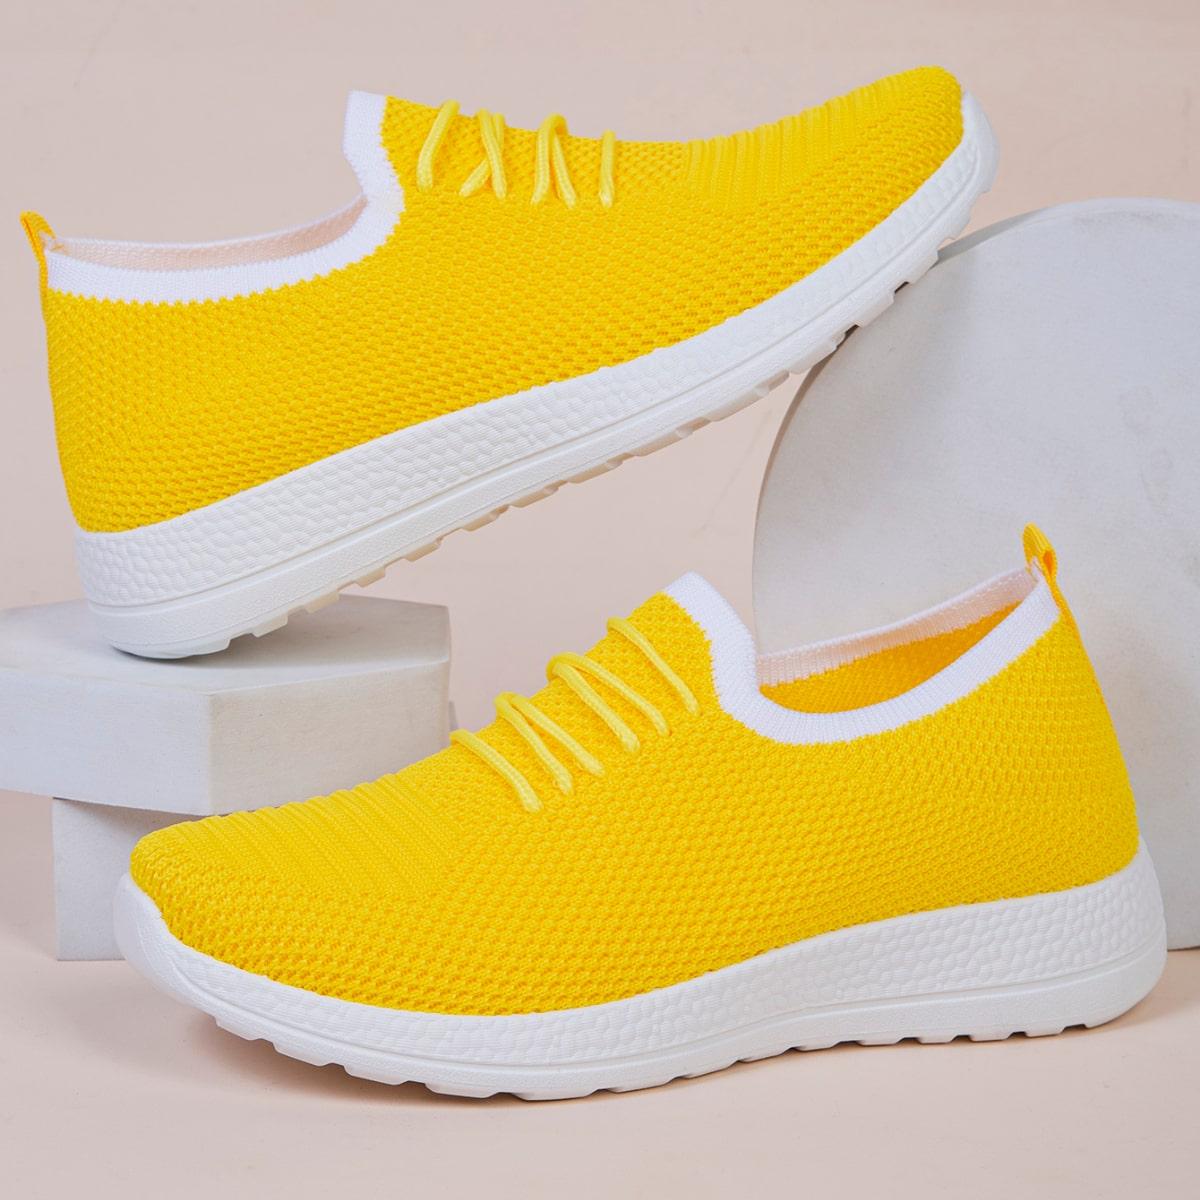 SHEIN Minimalistische Lace Decor instapsneakers